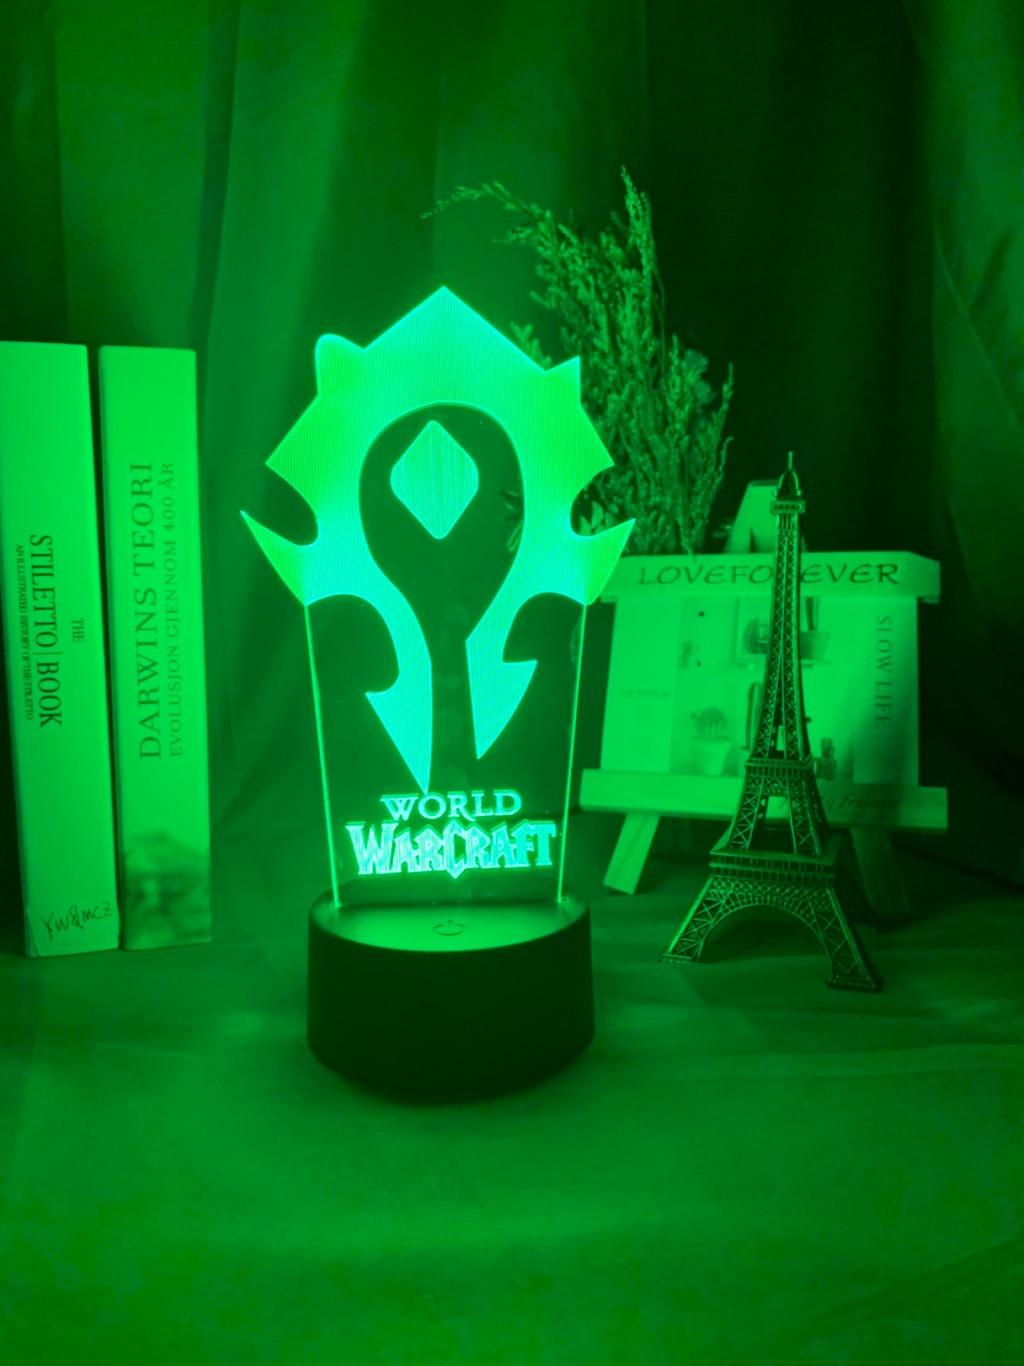 H443709943b8246d4a61560b72d13570eA Luminária World of warcraft Luz da noite 3d jogo horda bandeira cor mudando nightlight para crianças criança cama quarto decoração sensor de toque lâmpada led wow presente